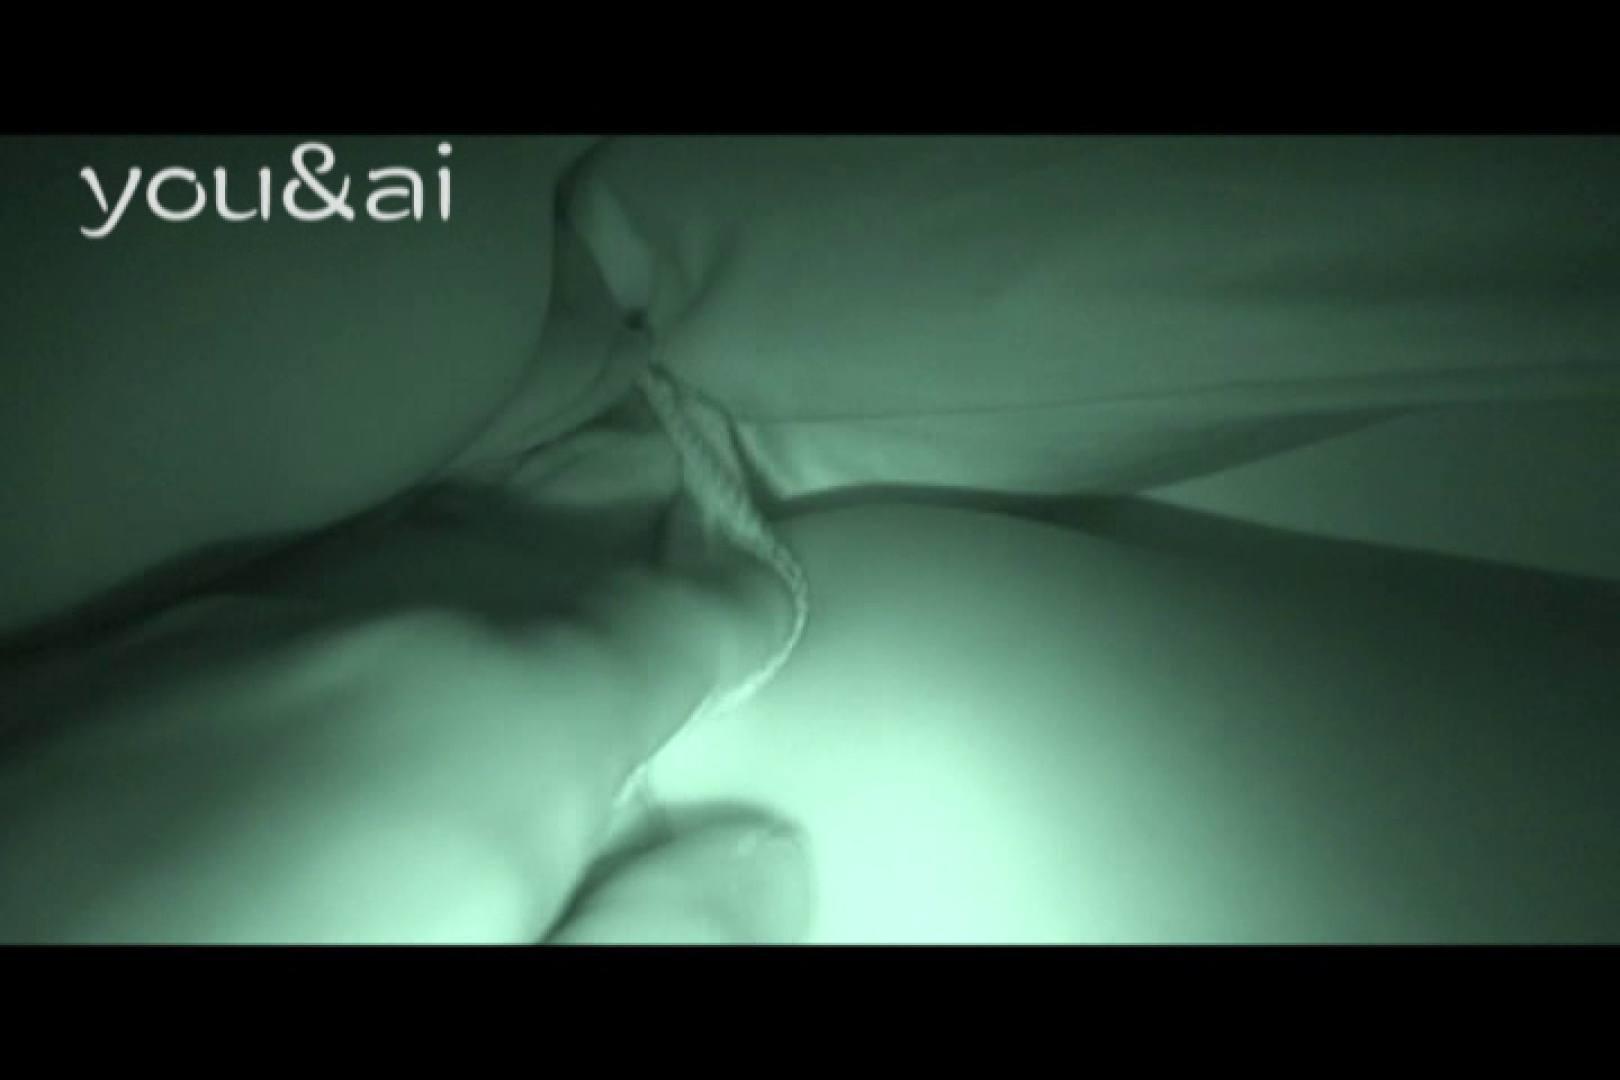 おしどり夫婦のyou&aiさん投稿作品vol.6 セックス映像 エロ画像 76pic 13